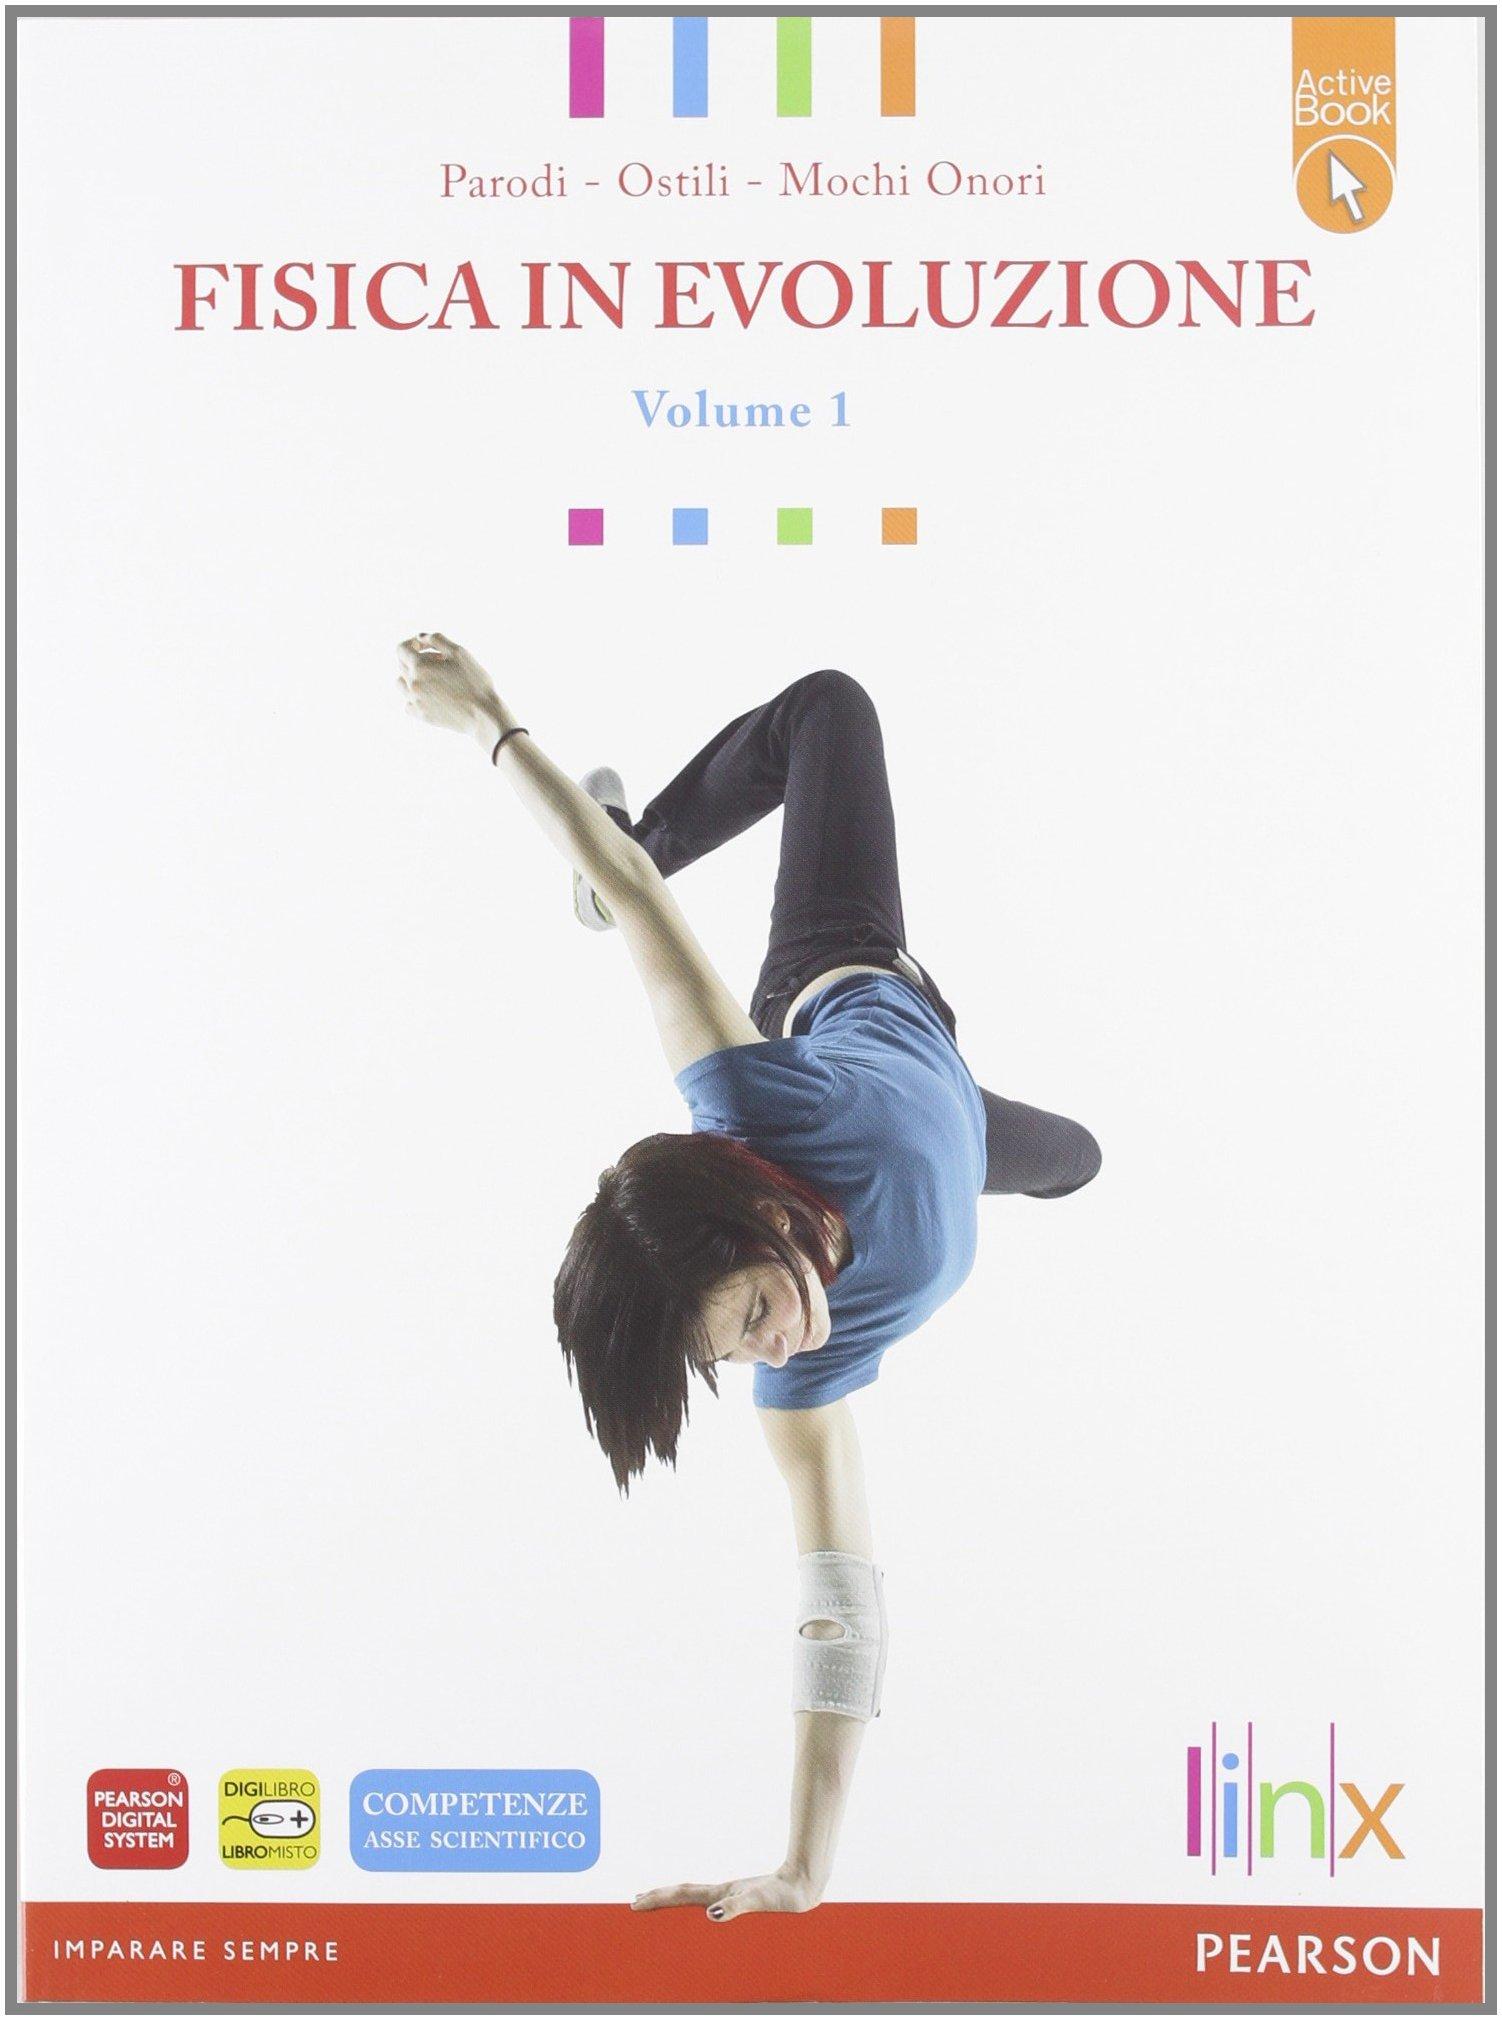 Fisica in evoluzione. LibroLIM. Per le Scuole superiori. Con espansione online: 1 Copertina flessibile – 1 gen 2012 Parodi Linx 8863640483 Materiale educativo: fisica